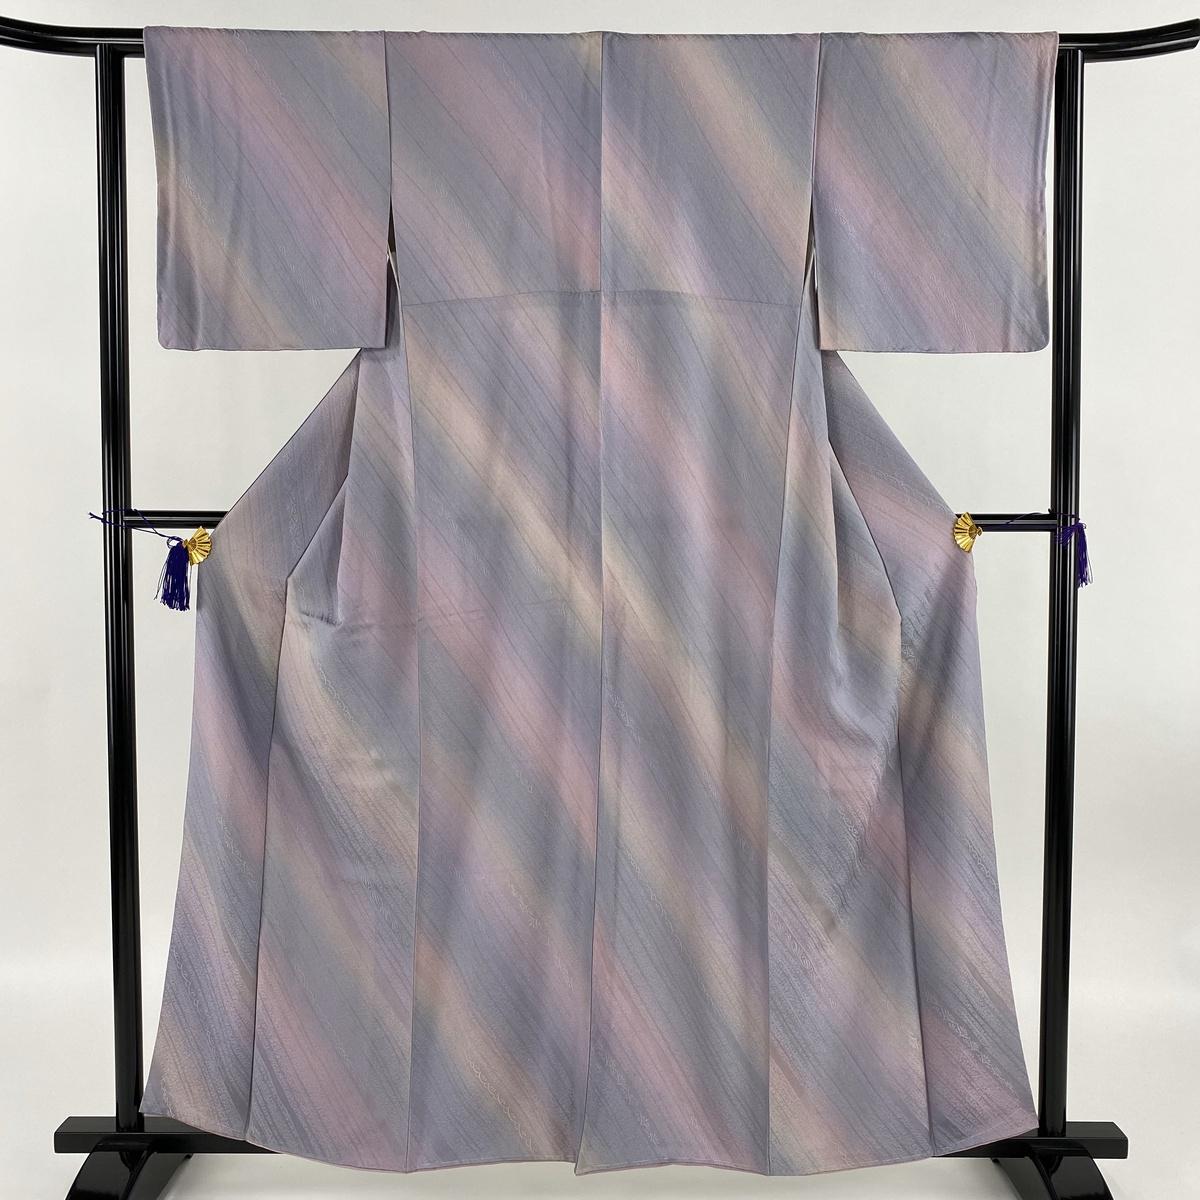 小紋 美品 秀品 斜めぼかし 幾何学 薄紫 袷 身丈159cm 裄丈63cm S 正絹 【中古】